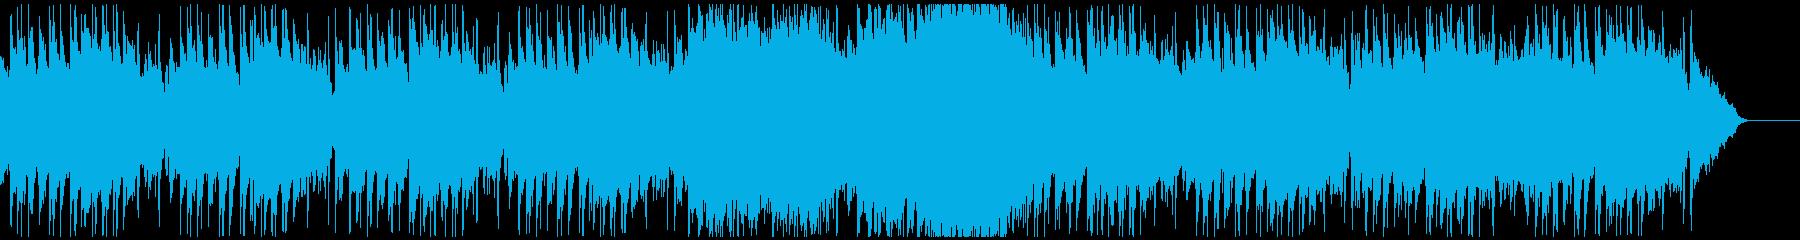 グロッケンが可愛い跳ねたリズムのインストの再生済みの波形